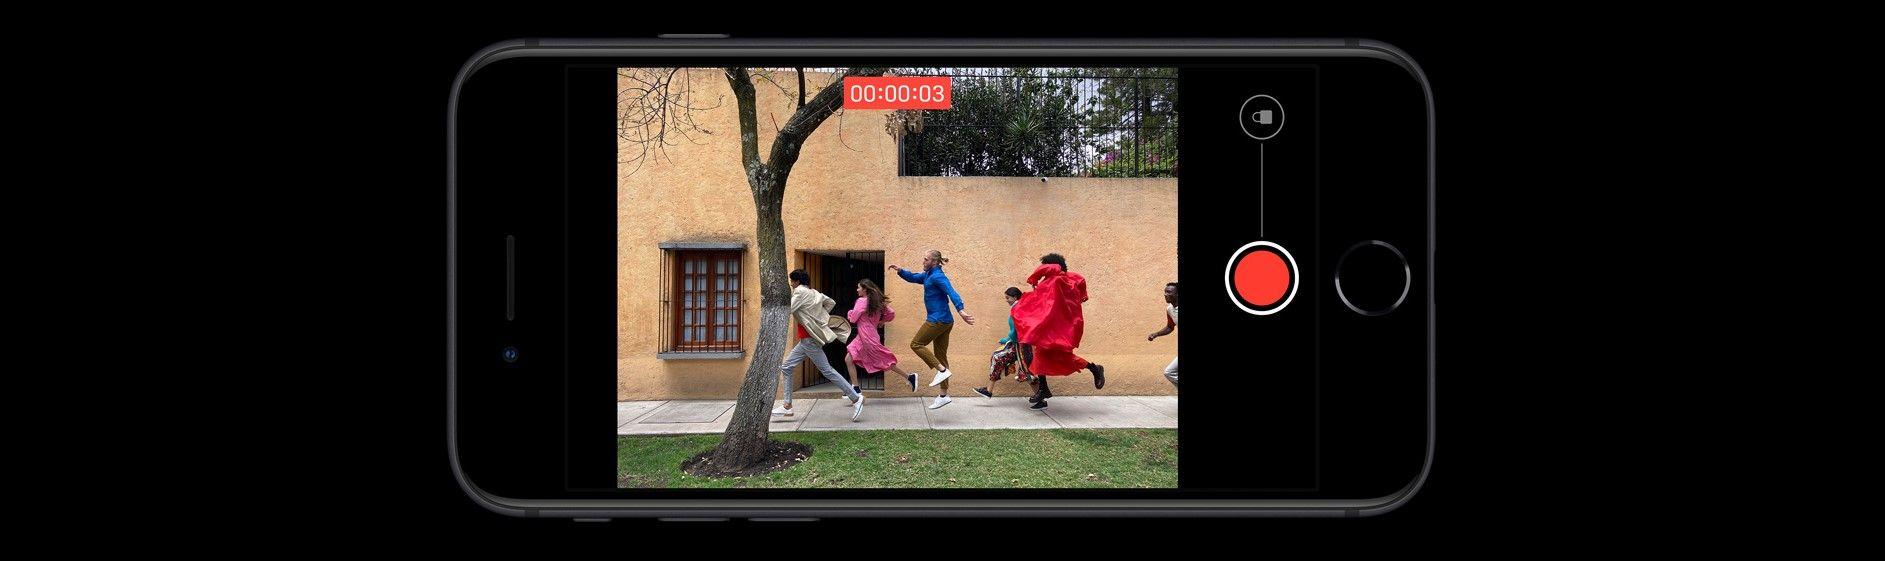 iPhone SE 2020 съемка видео